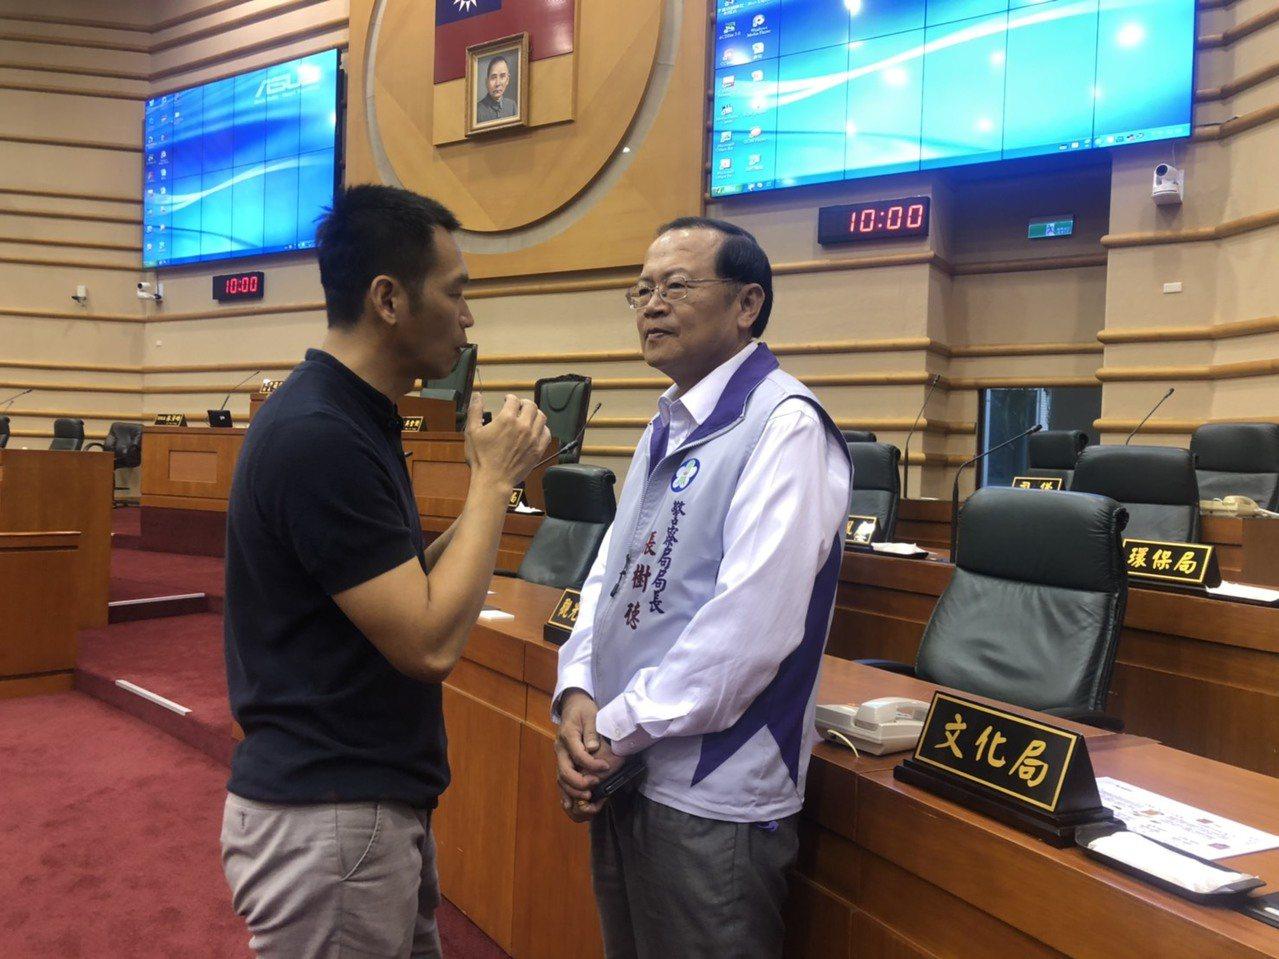 嘉義市議員鄭光宏(左)在議會結束後與嘉義市警局長張樹德討論外送員安全。記者李承穎...